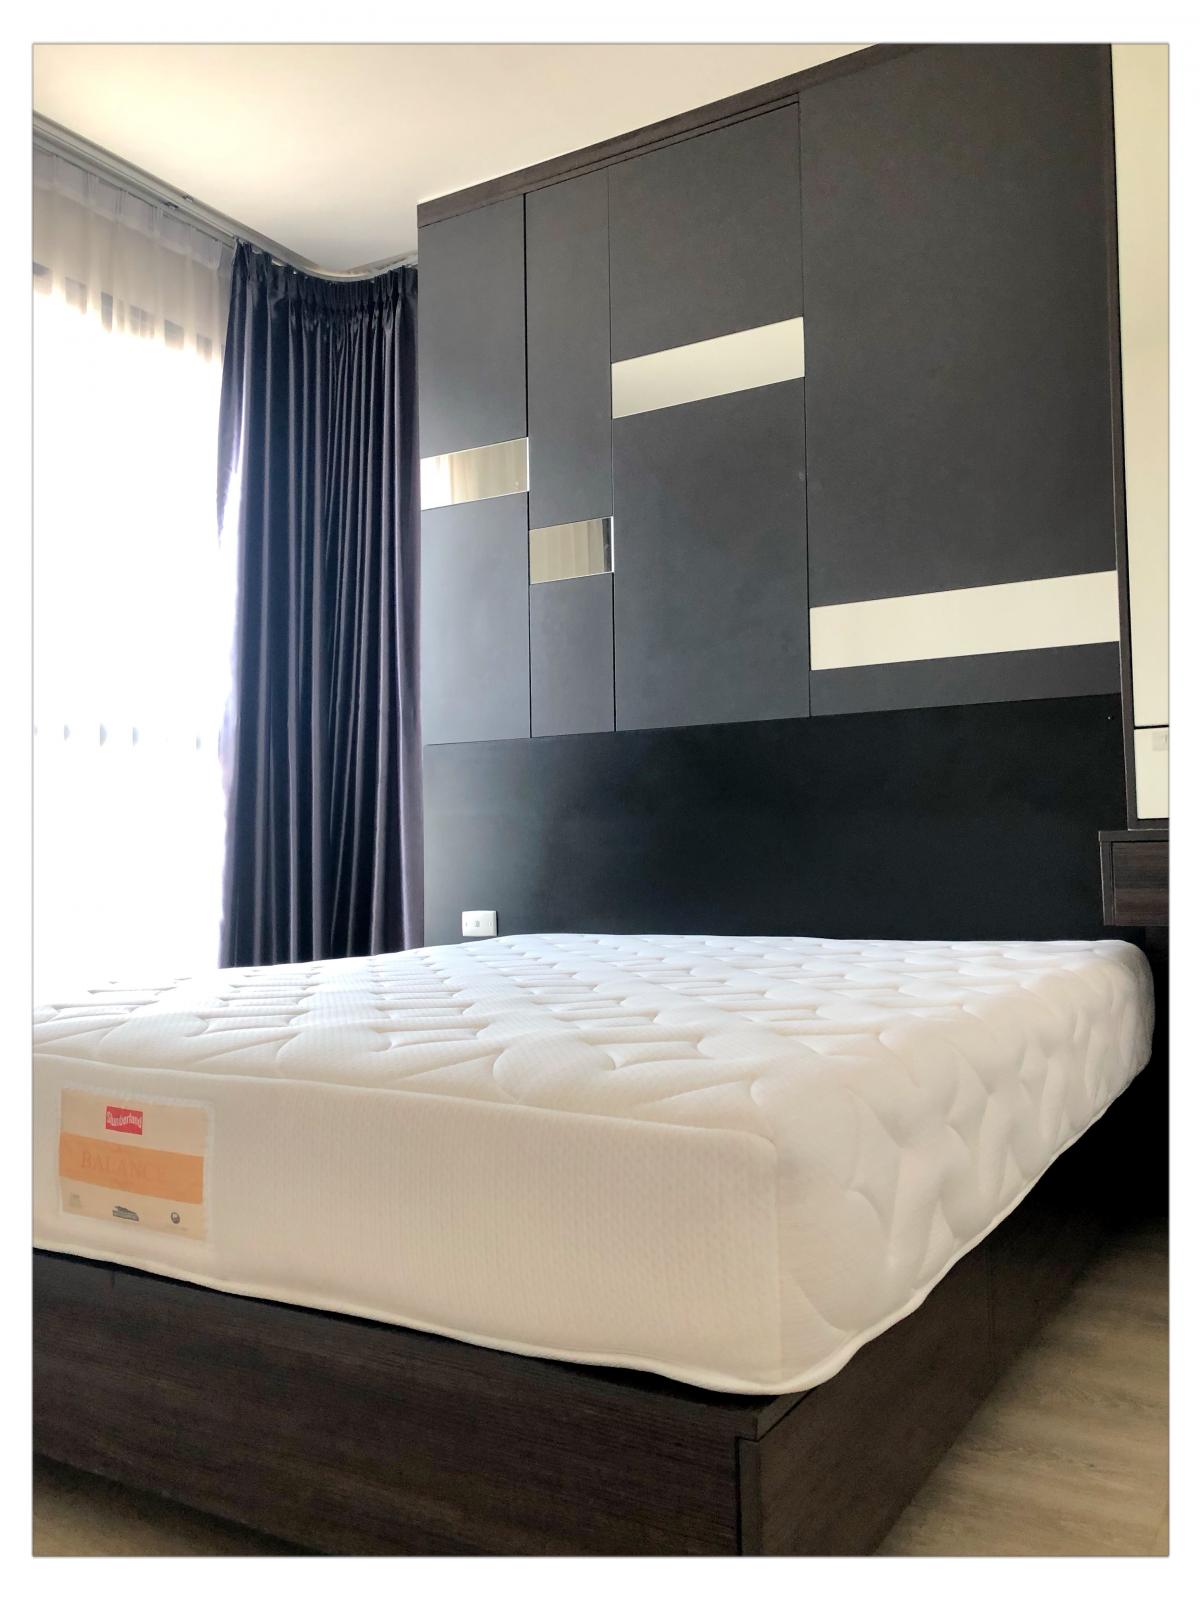 รูปของประกาศขายคอนโดควินน์ รัชดา 17 (1 ห้องนอน)(3)